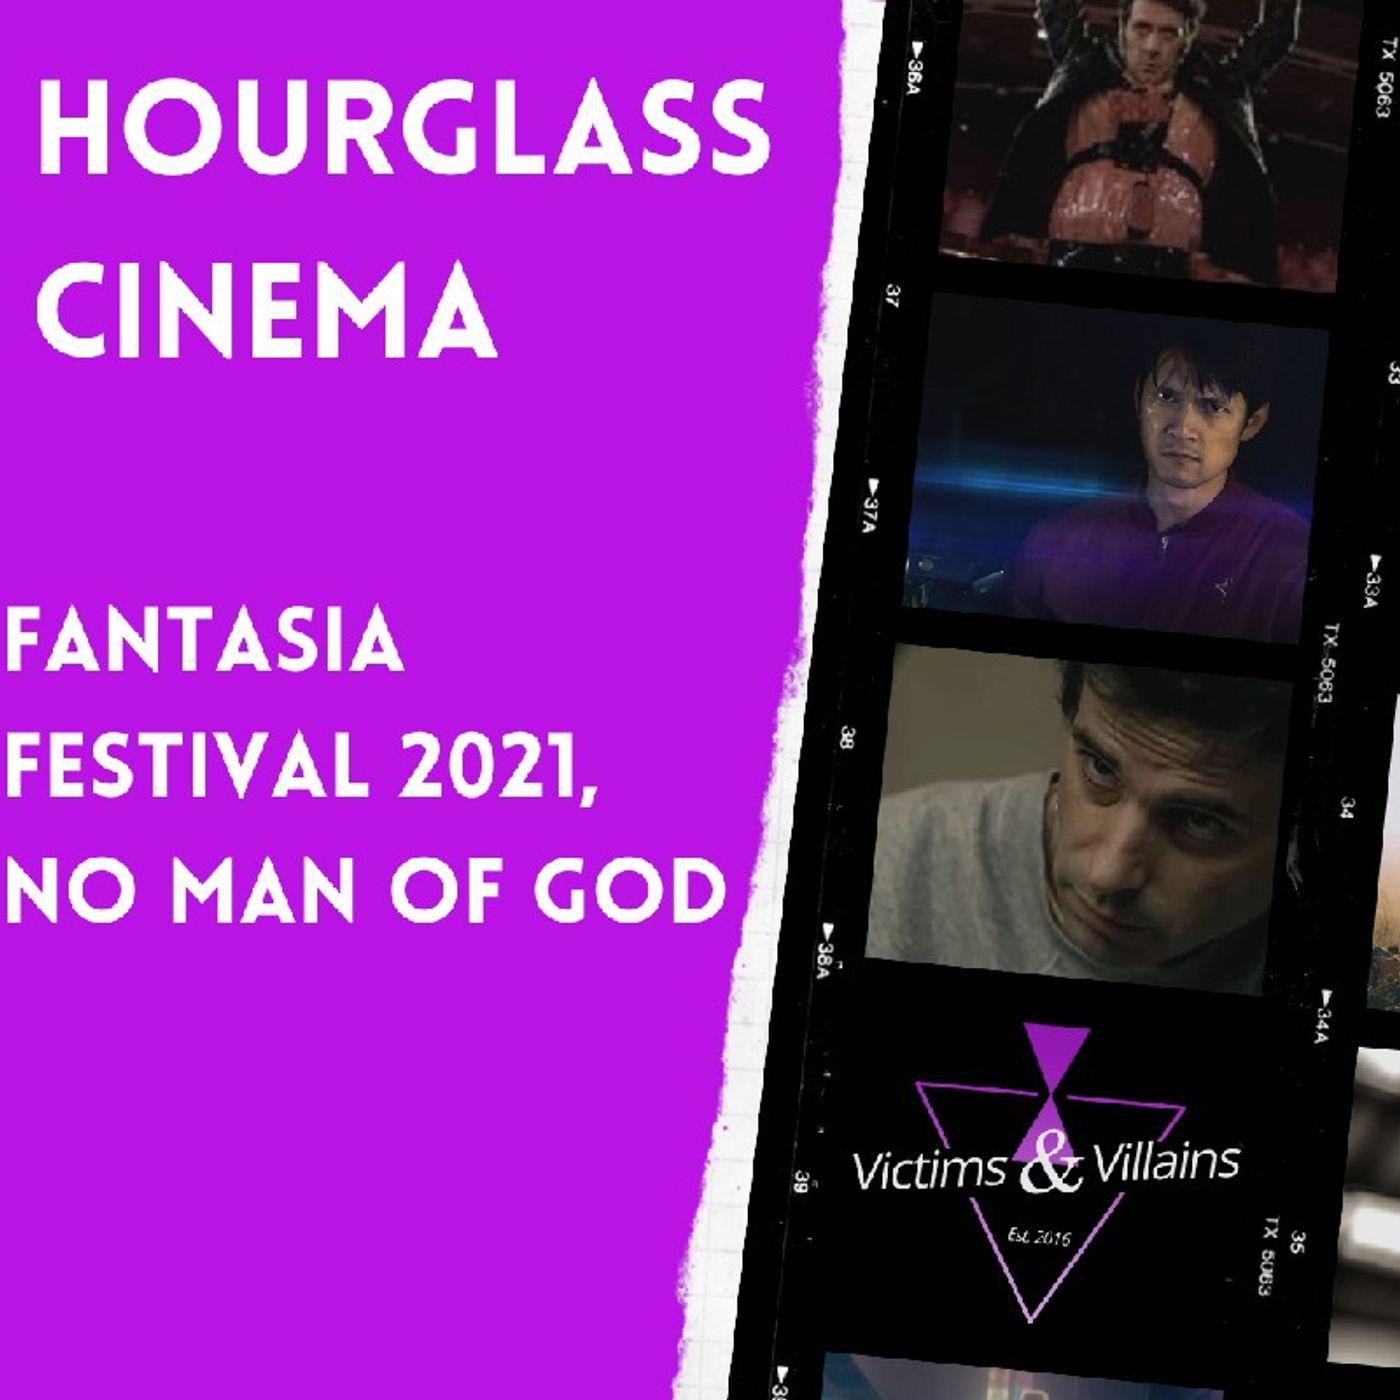 Fantasia Festival 2021 & No Man of God (2021)   Hourglass Cinema #6